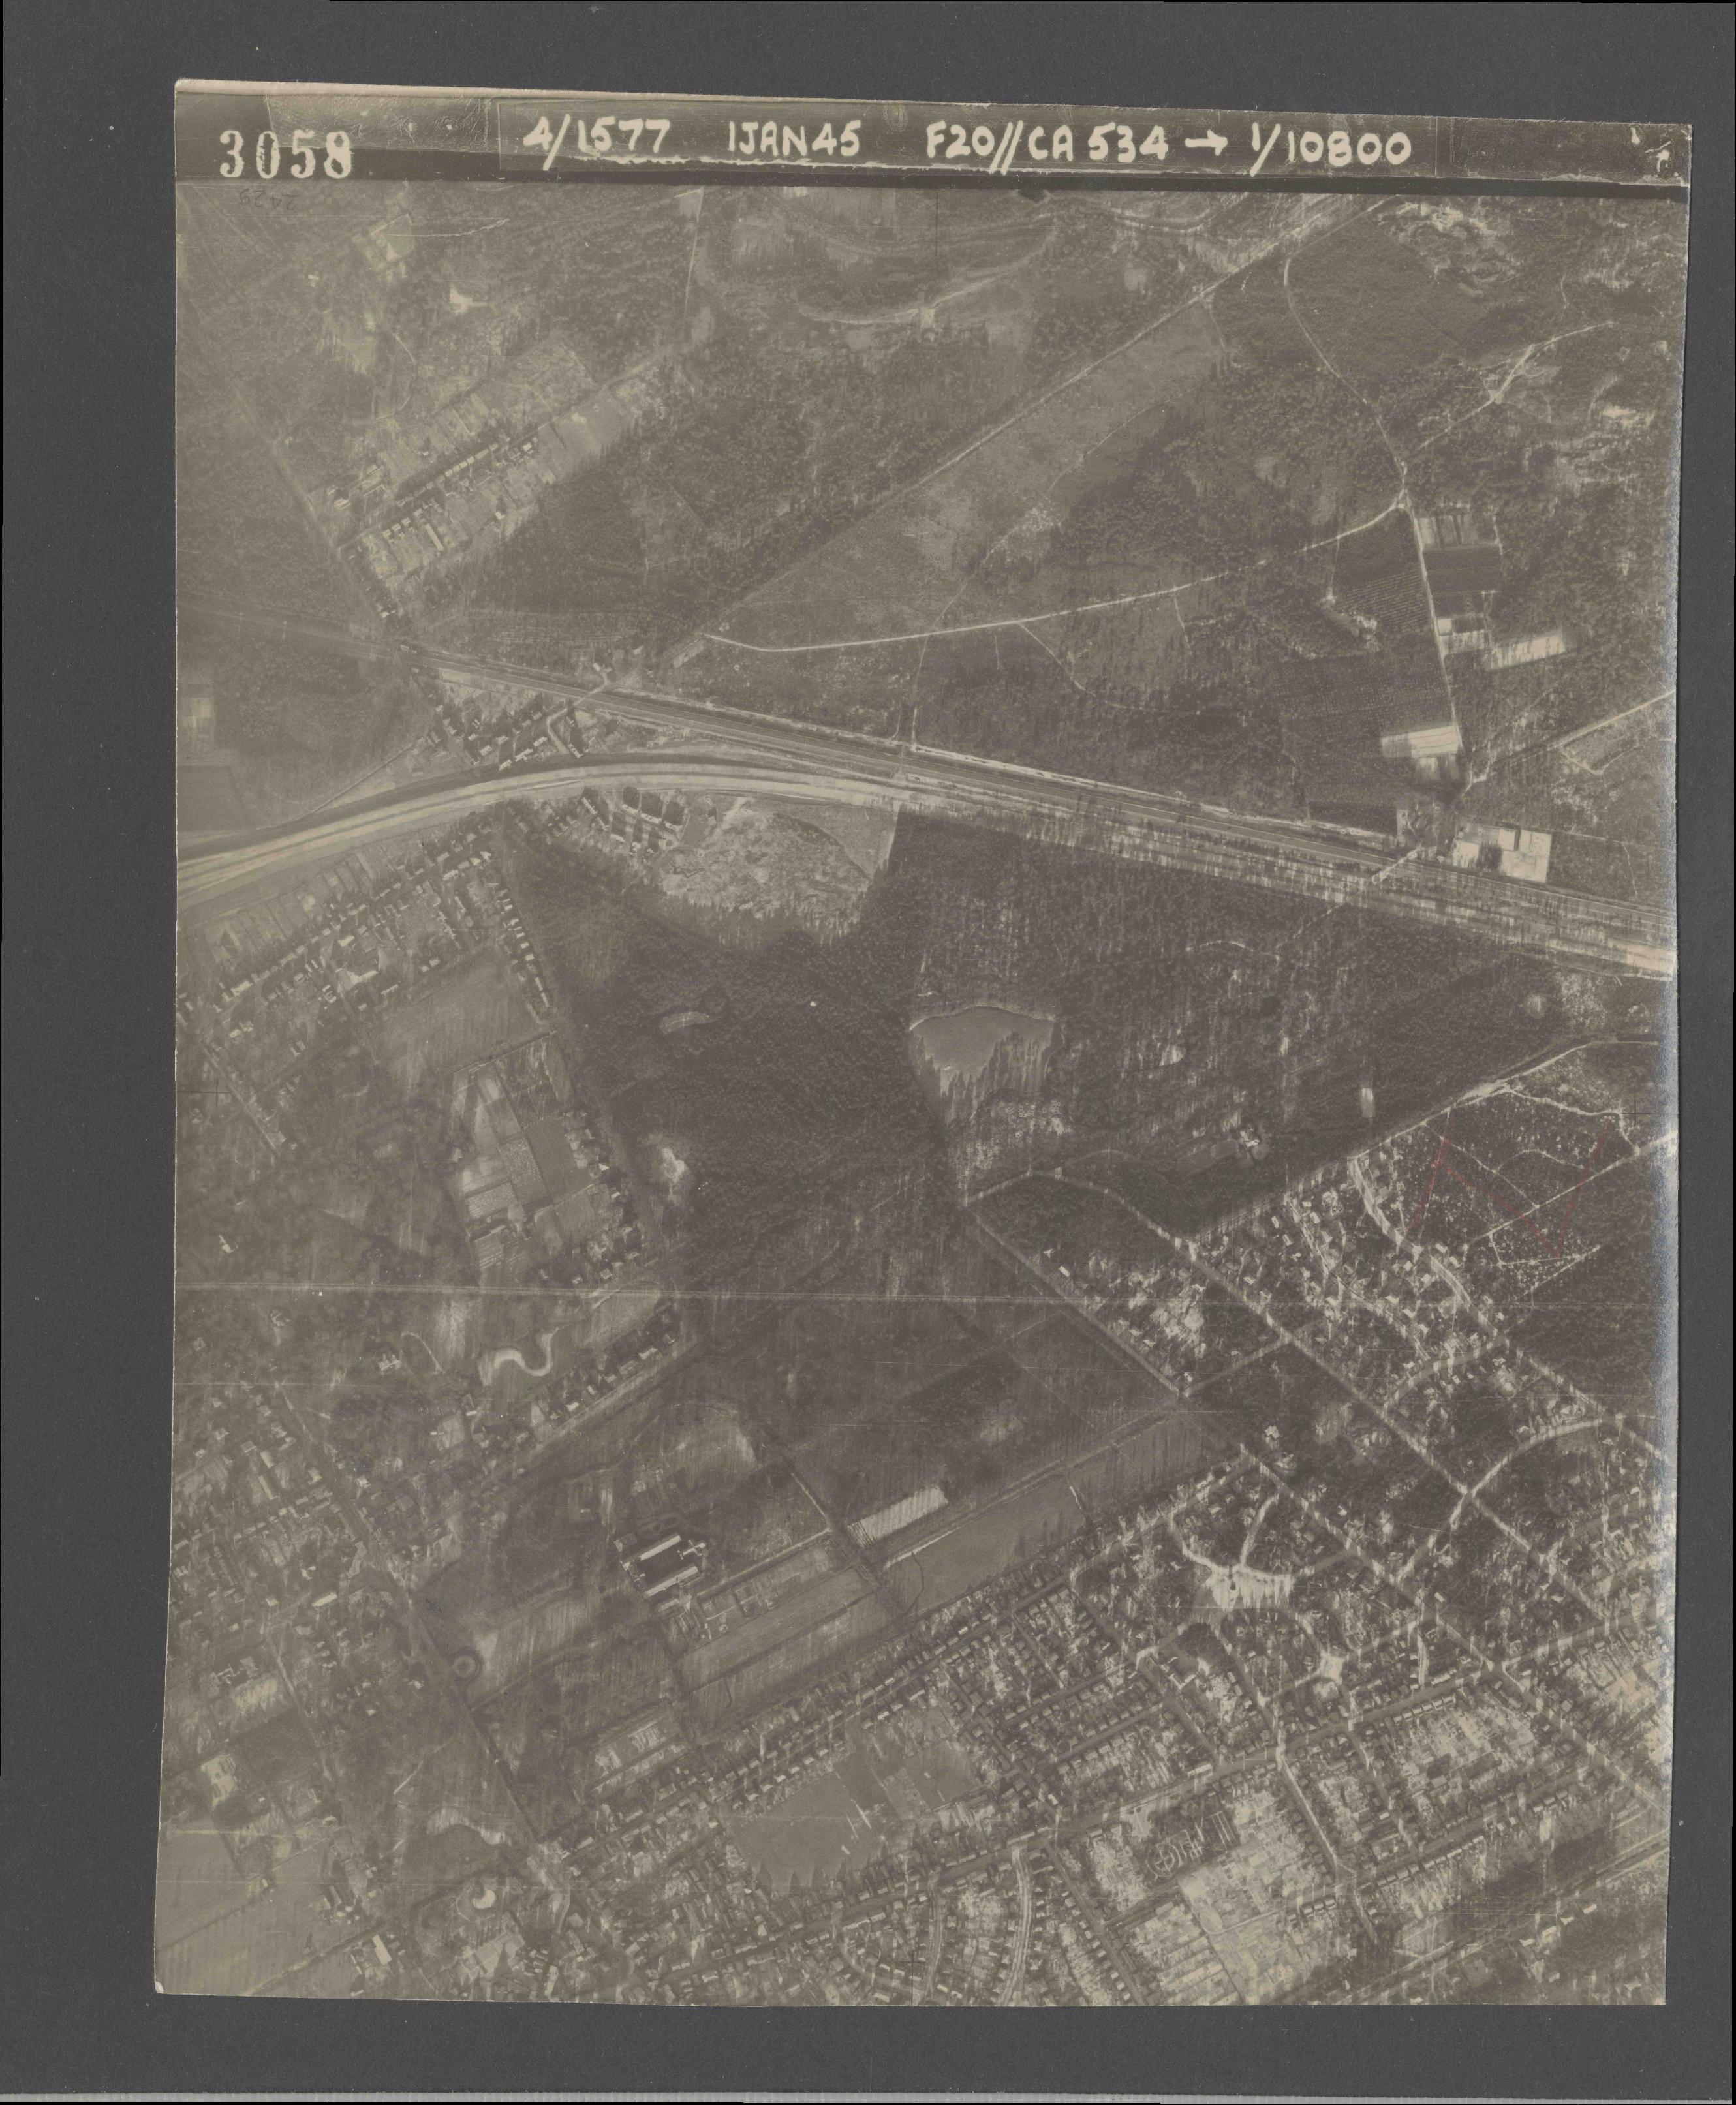 Collection RAF aerial photos 1940-1945 - flight 105, run 03, photo 3058